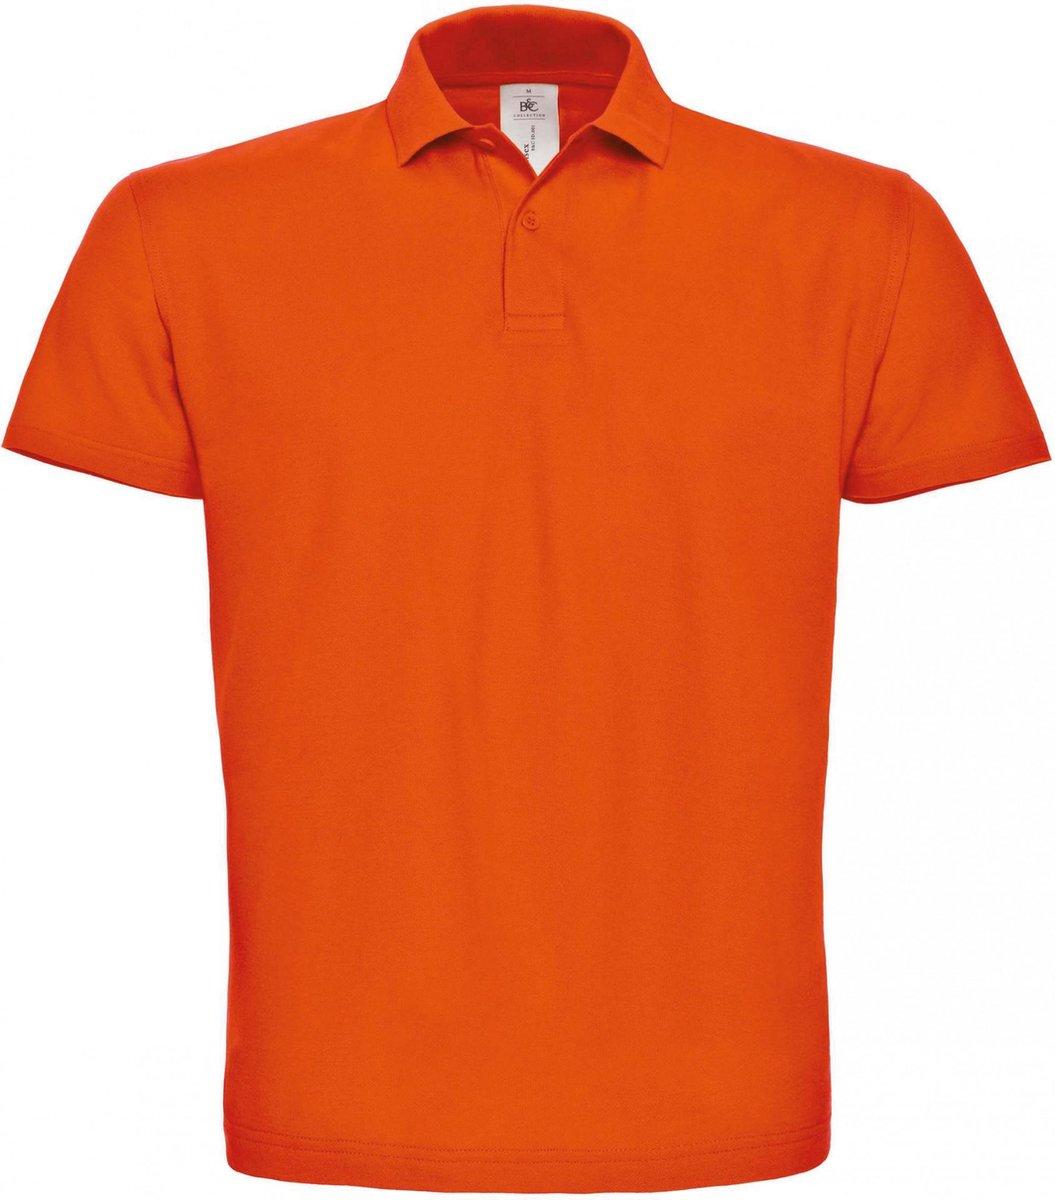 B&C Heren Oranje Polo REGULAR FIT Maat L 100 % Katoen